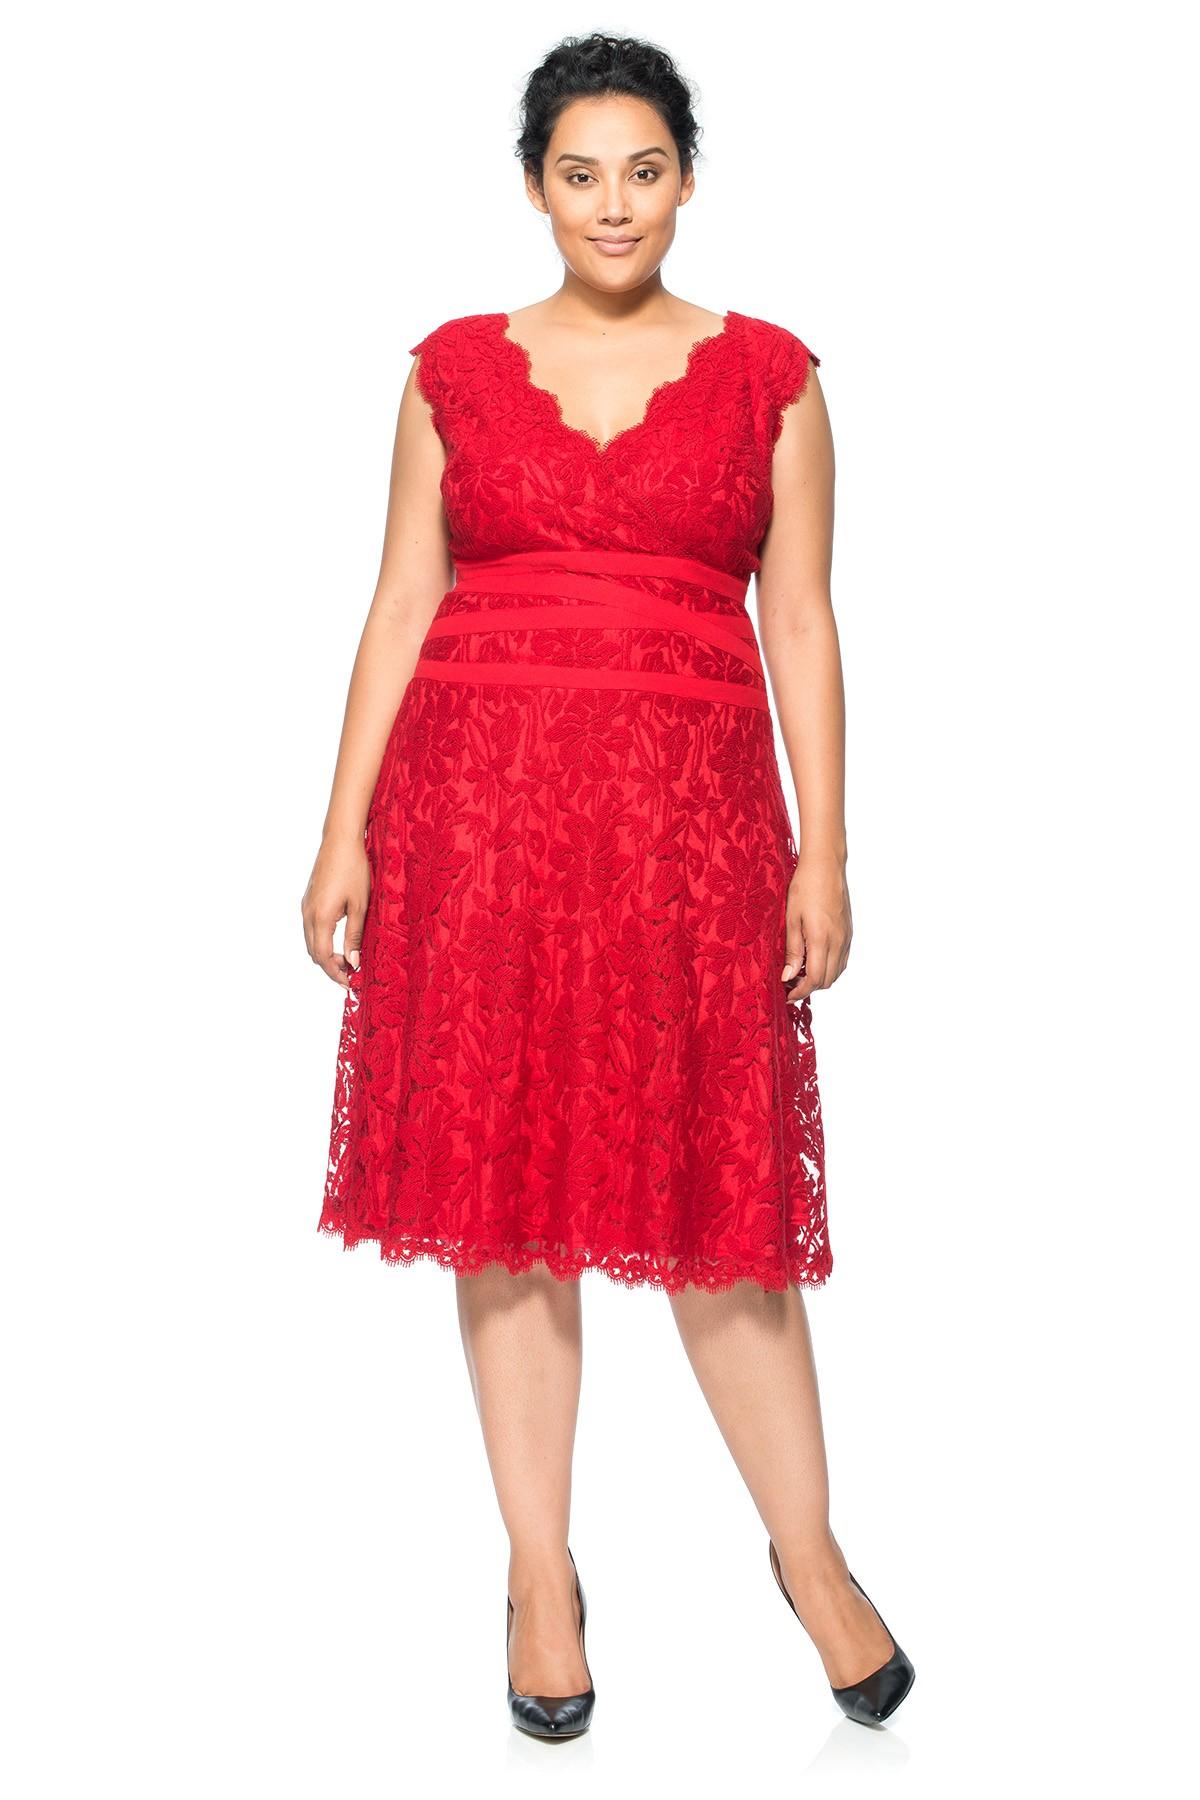 red lace plus size dress choice image - dresses design ideas